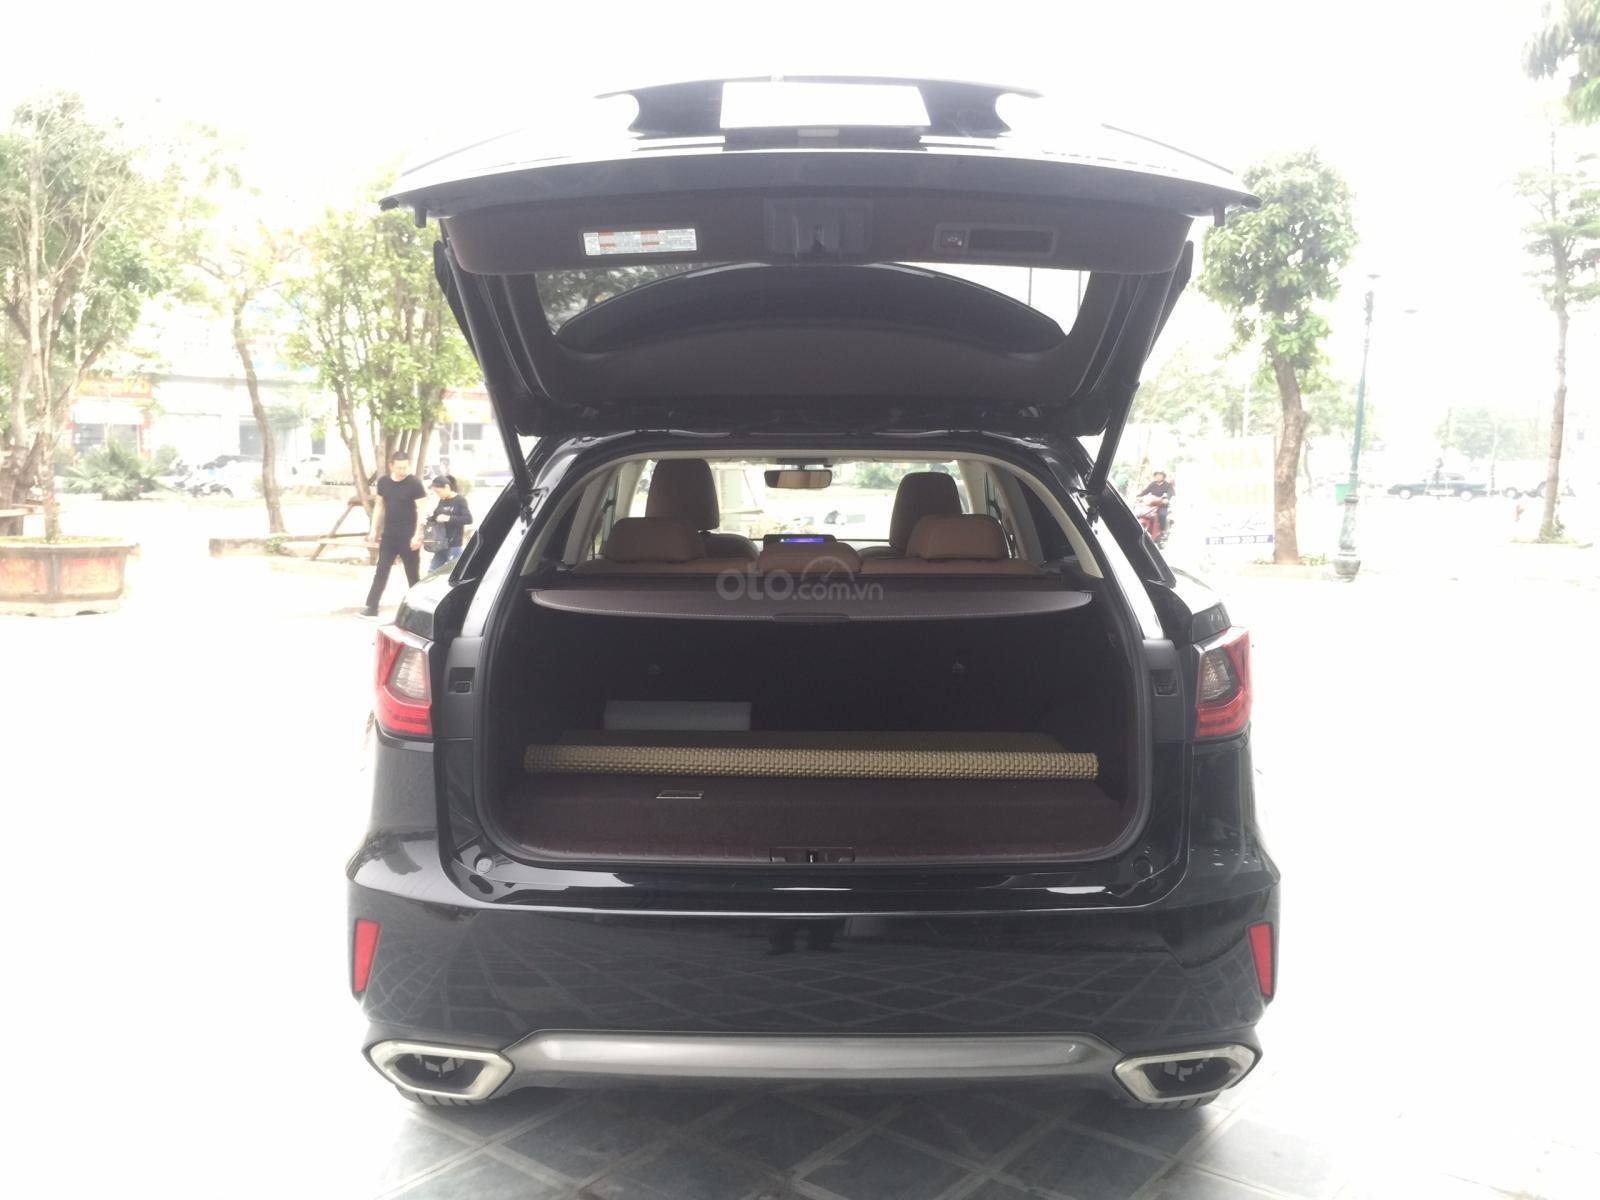 Bán Lexus Rx 200t sản xuất năm 2016, màu đen, xe nhập chính hãng, Lh em Hương 0945392468-3